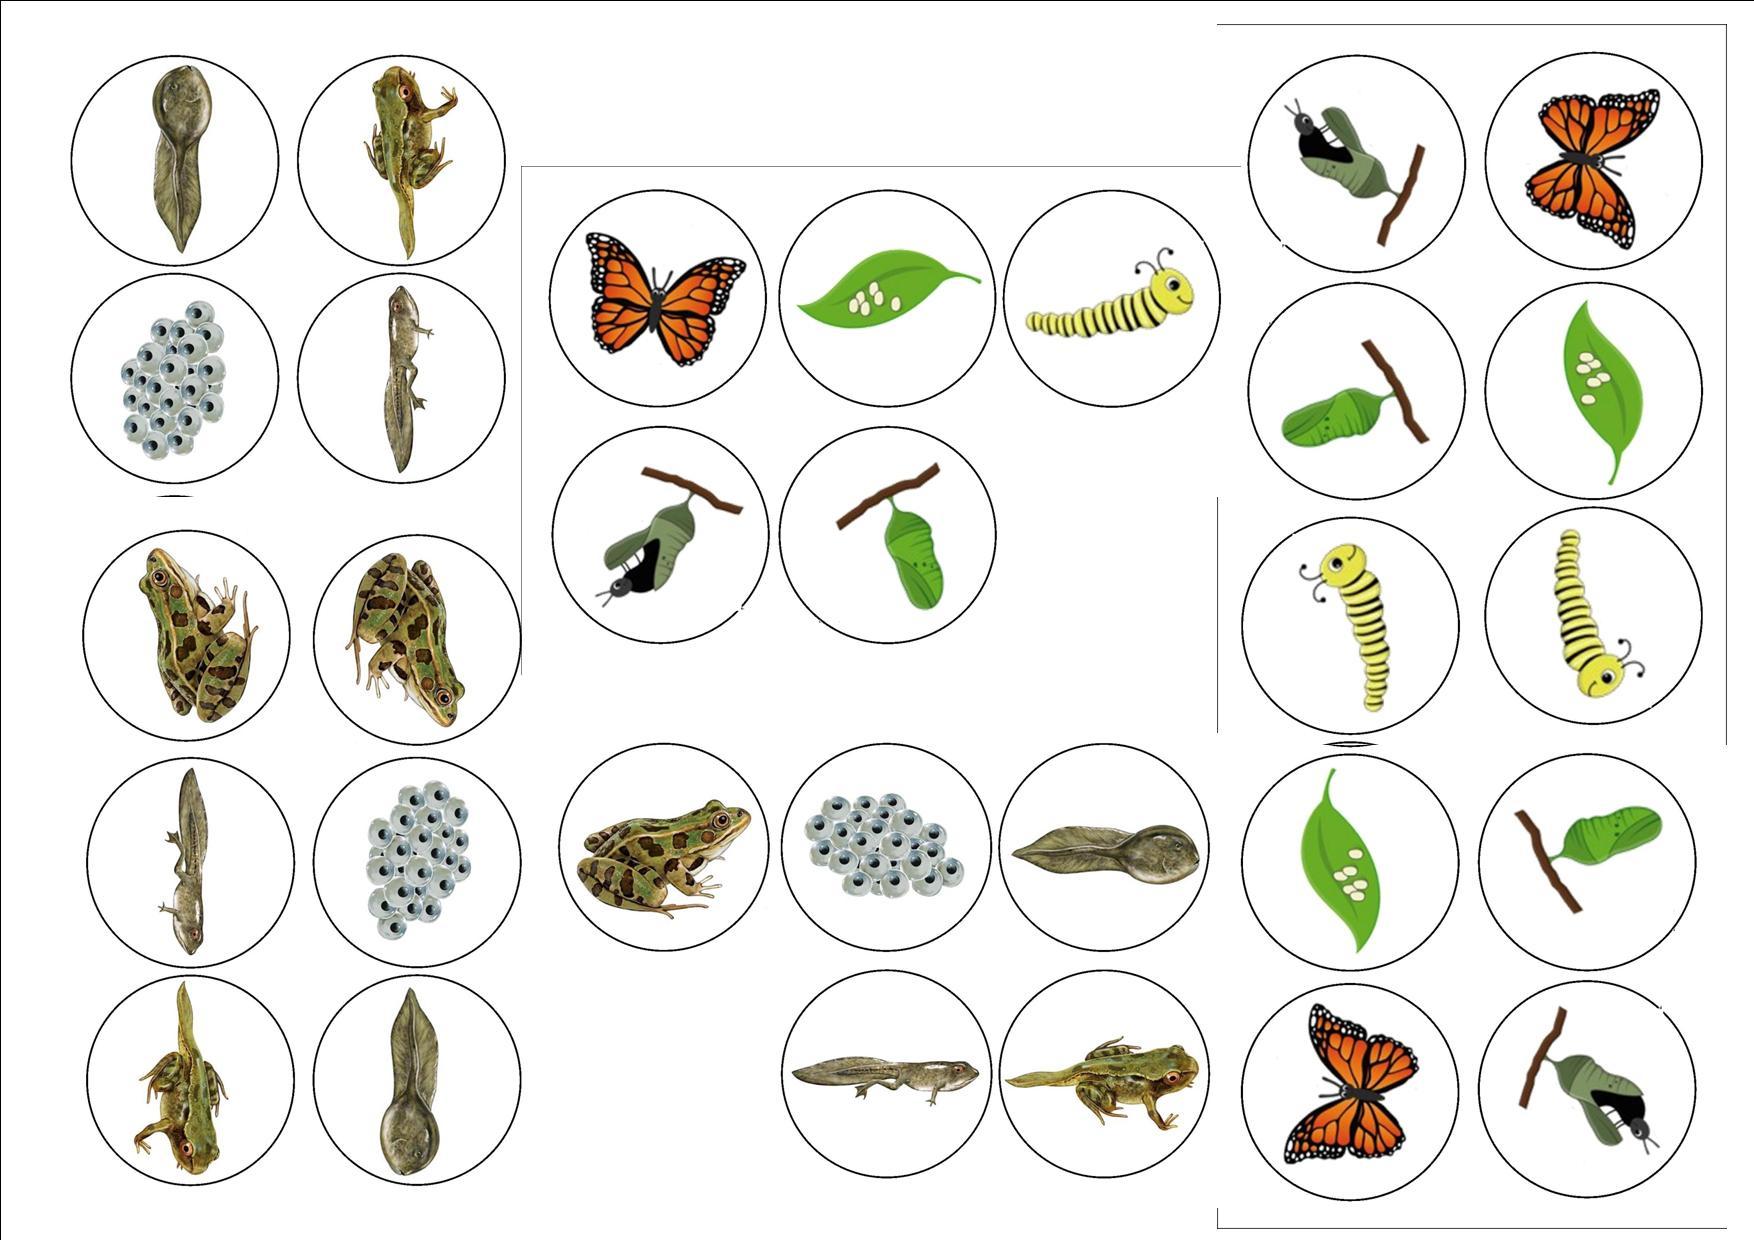 Cycles De Vie : Grenouille Et Papillon - Ecole De Nadège concernant Le Cycle De Vie De La Grenouille